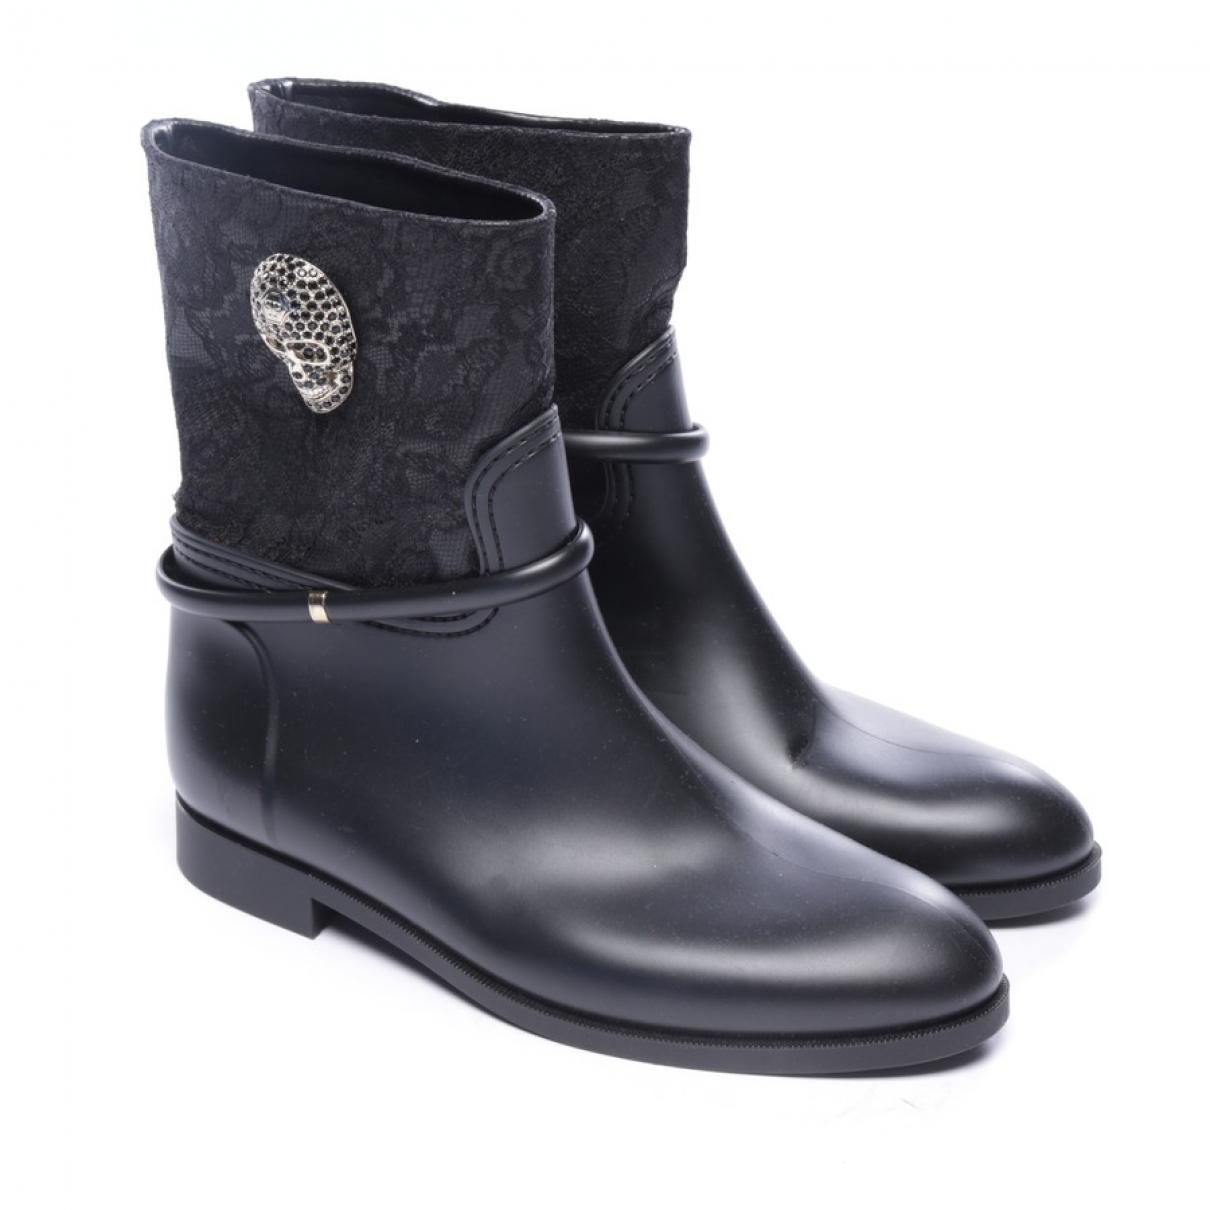 Philipp Plein - Boots   pour femme en caoutchouc - noir